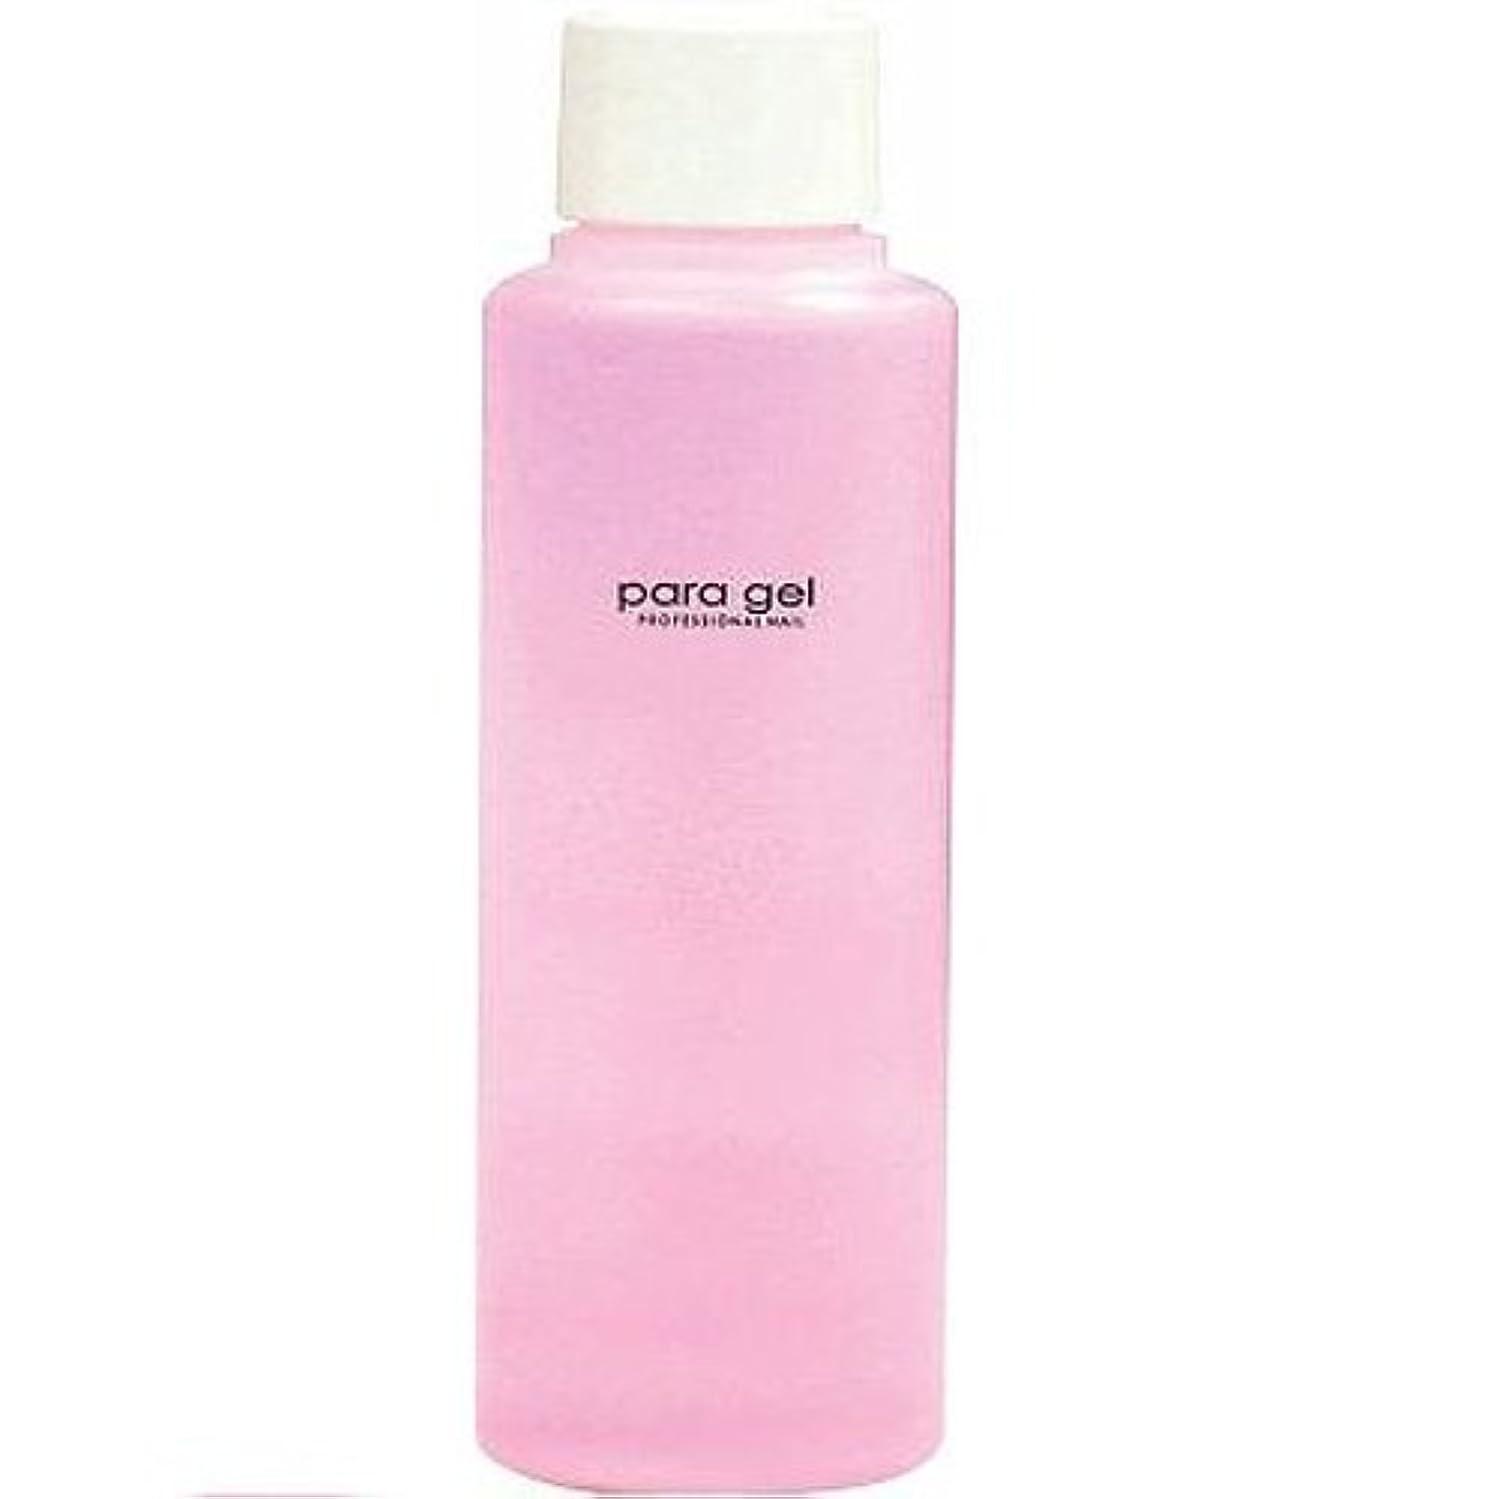 浸透する忠誠薬用パラジェル(para gel) パラリムーバー 120ml